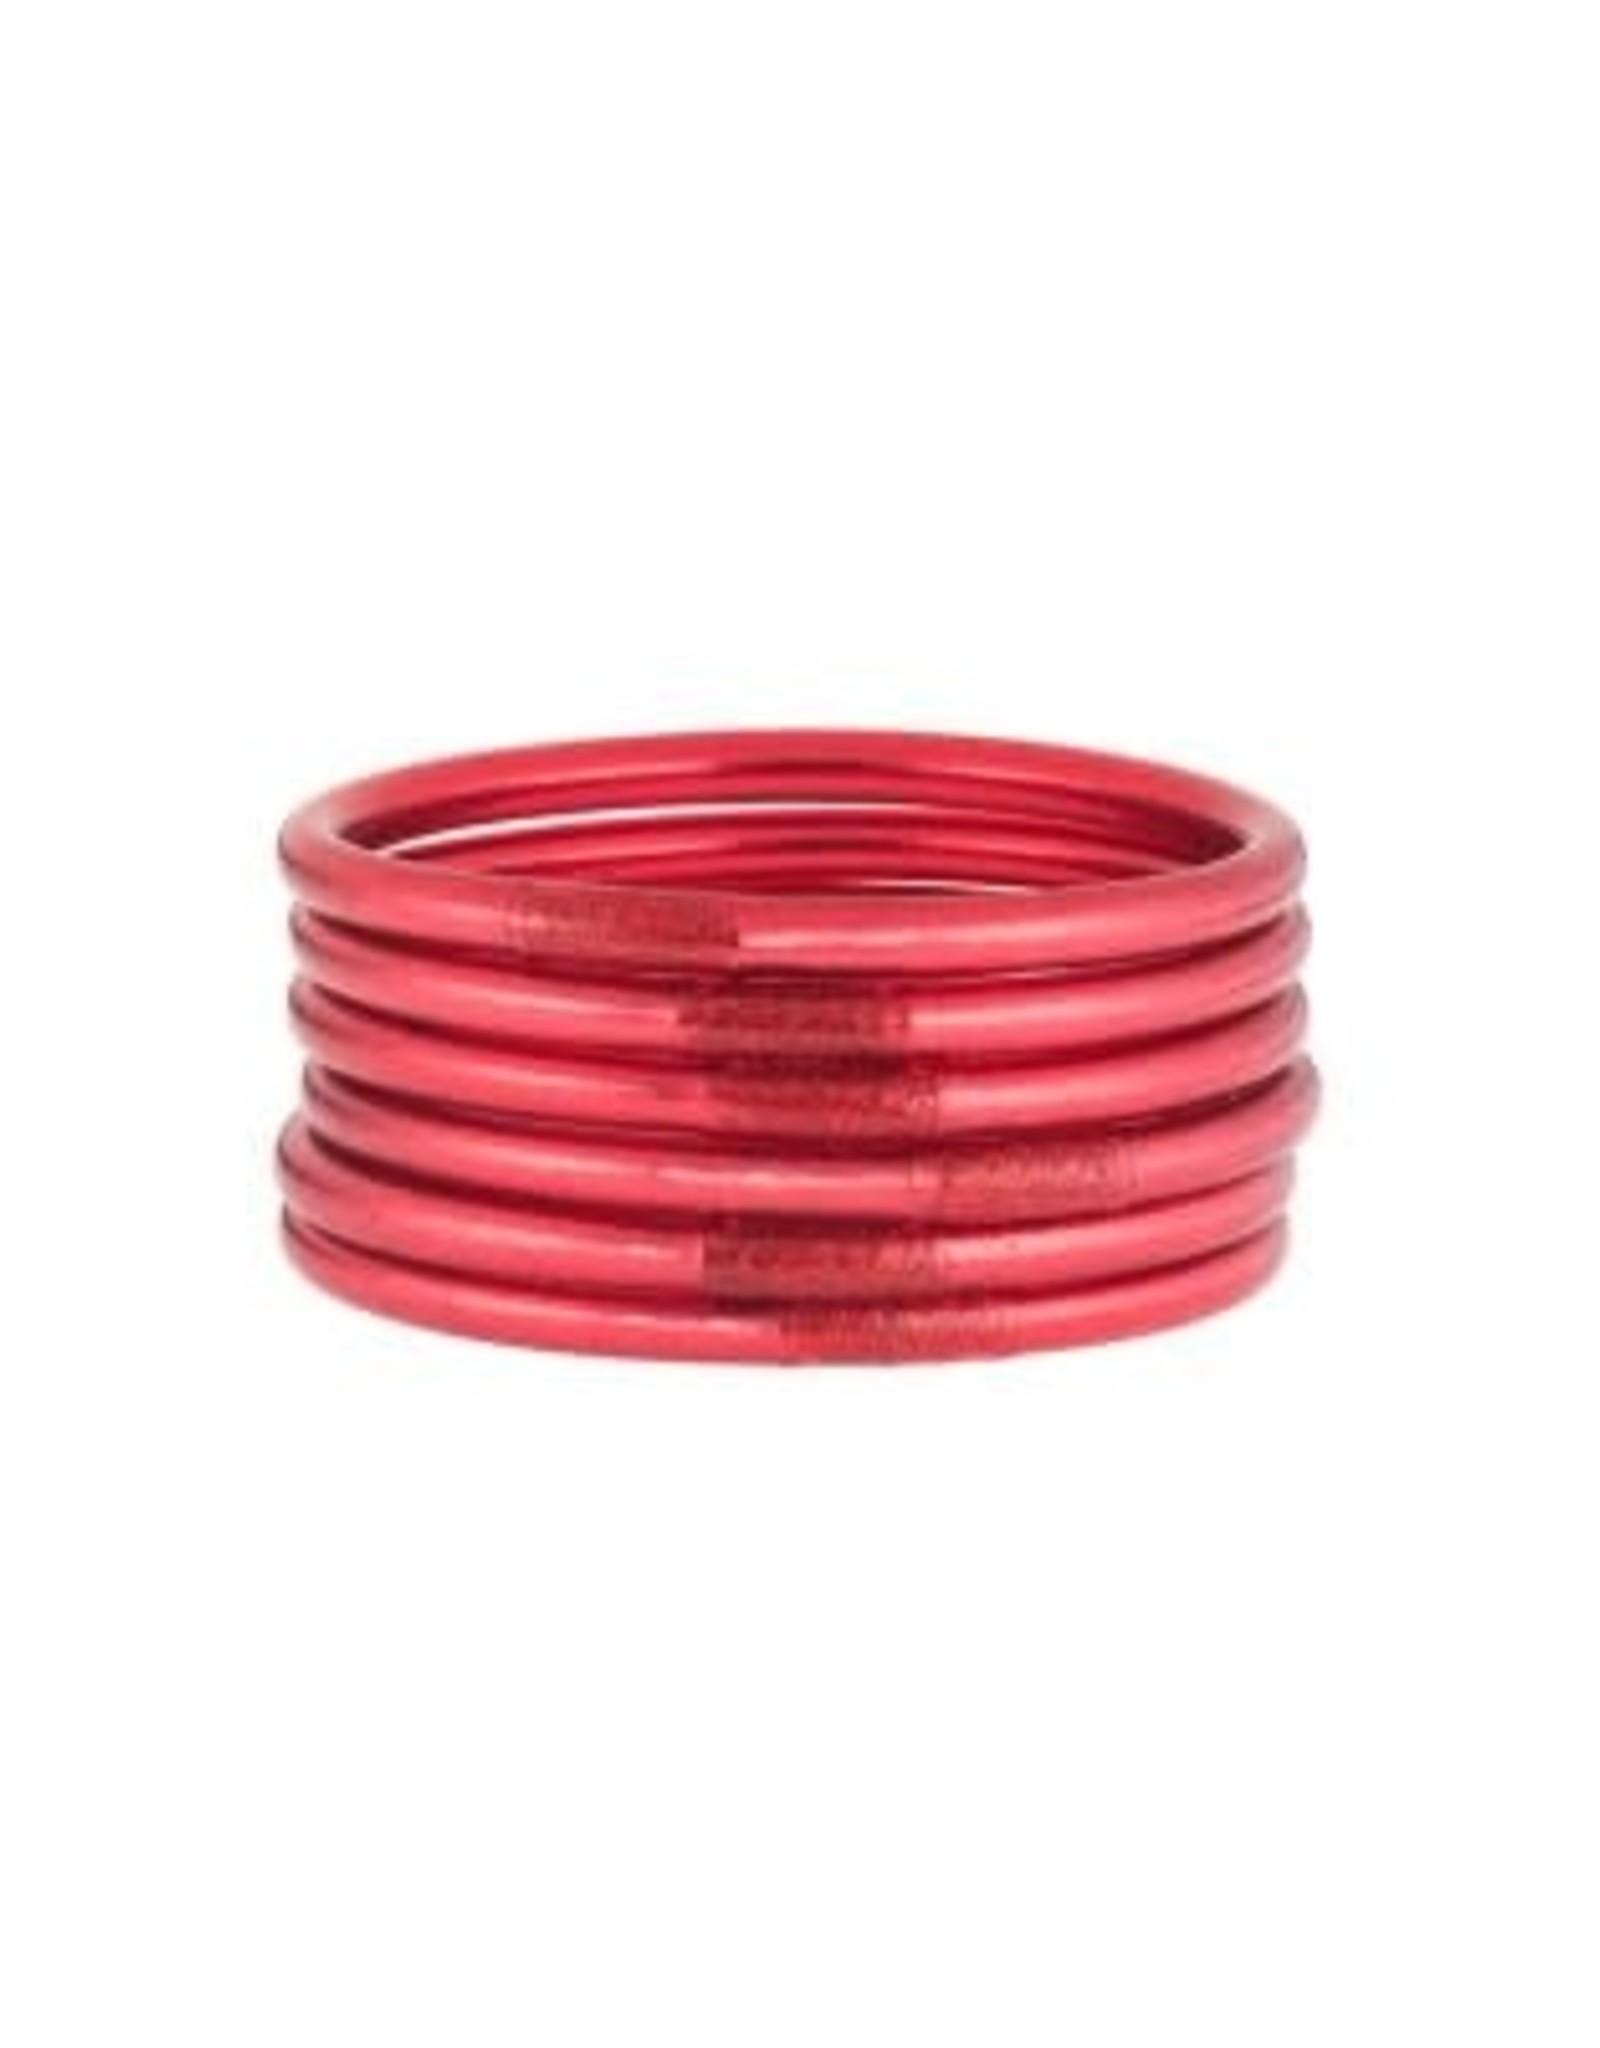 BuDhaGirl bangles (set of 6)- pink